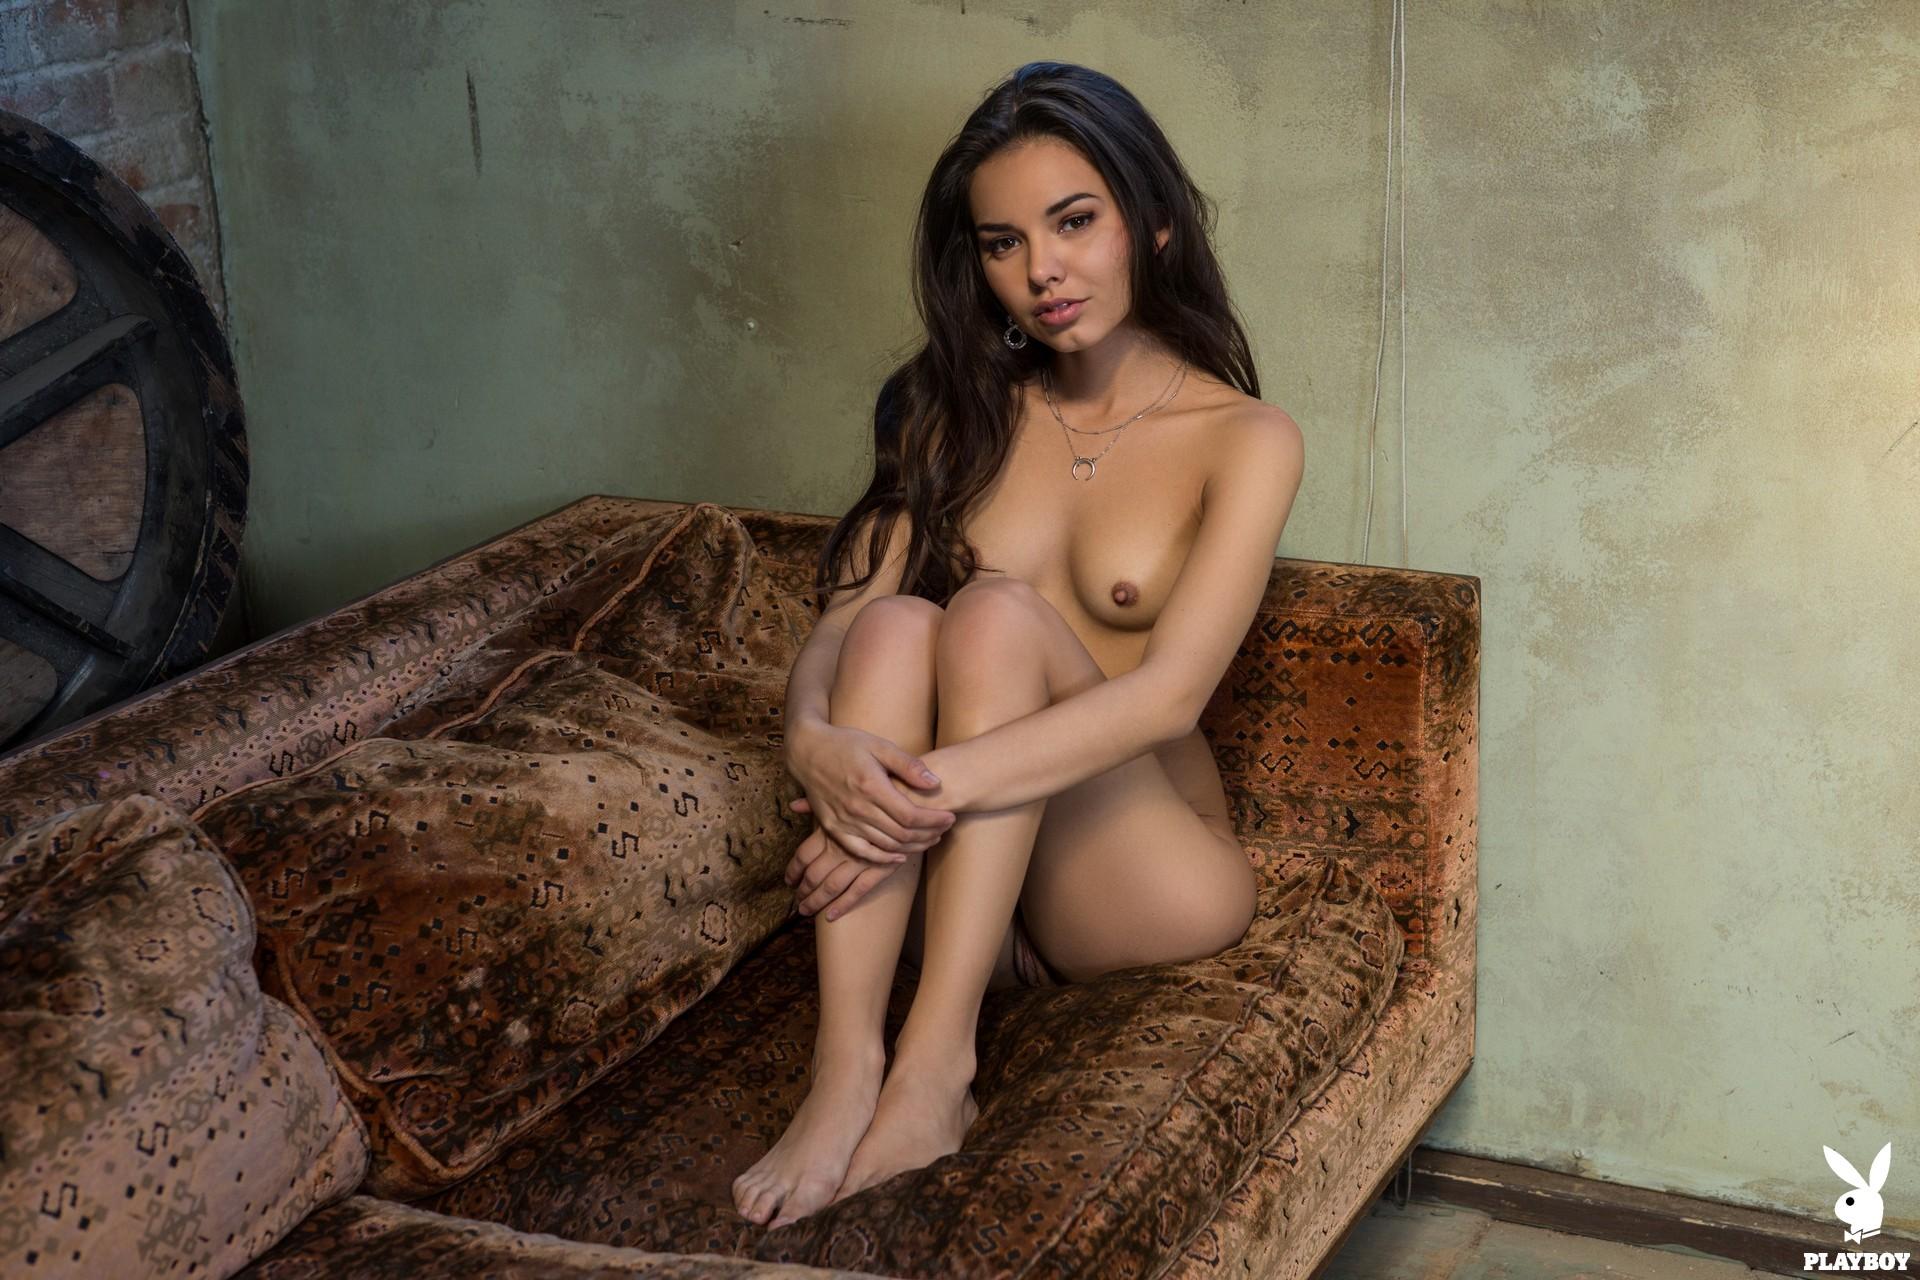 Dominique Gabrielle in Rustic Seduction - Playboy Plus 23